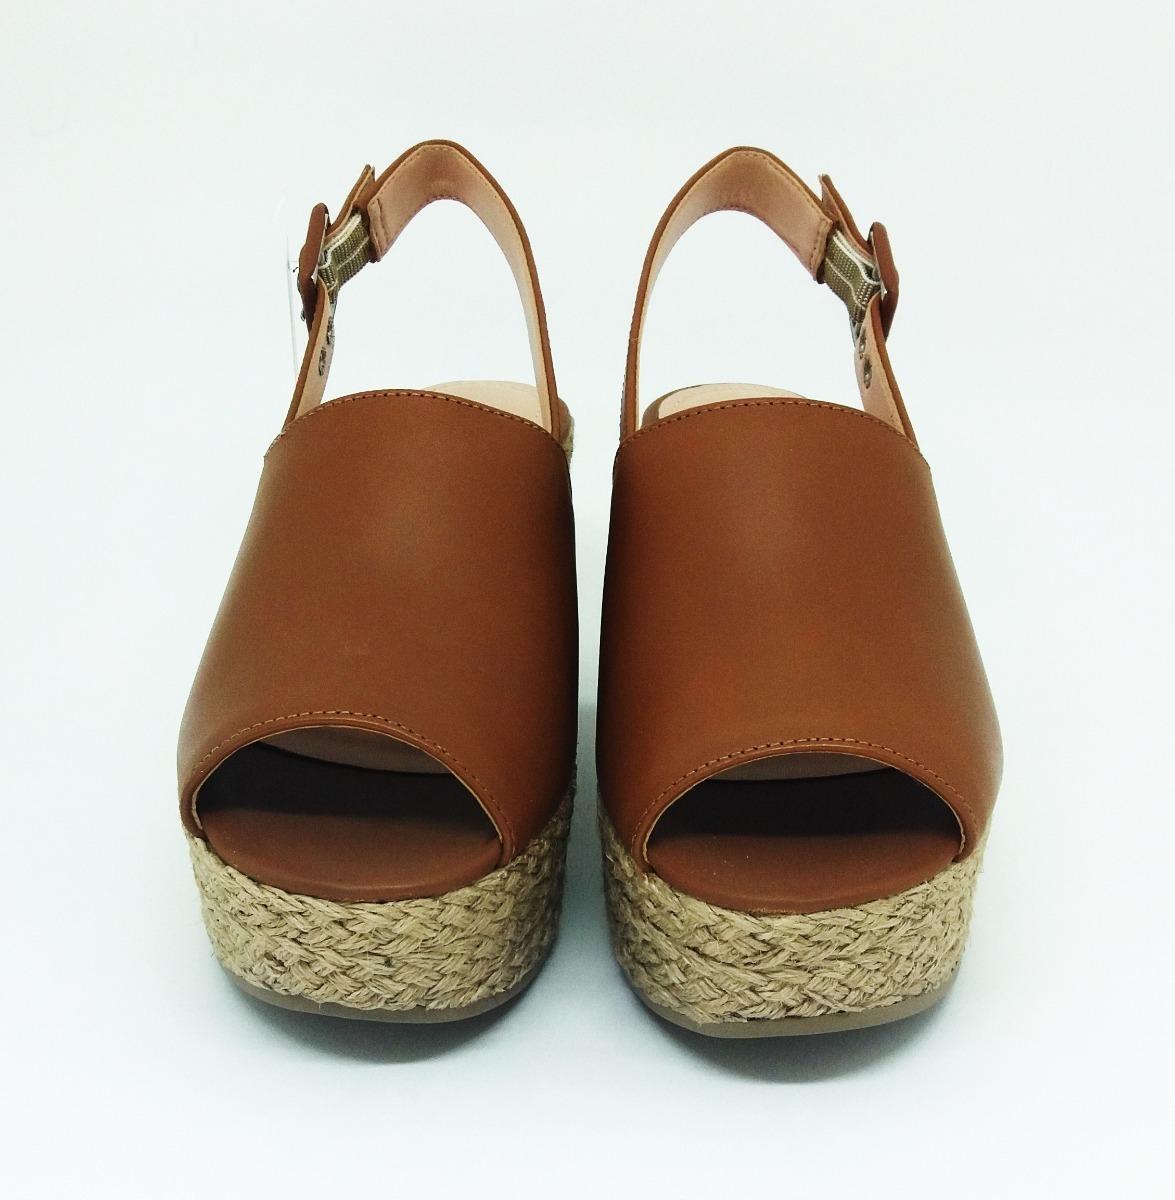 961edb581 sandália anabela feminina tamanco caramelo lialine 9010. Carregando zoom.